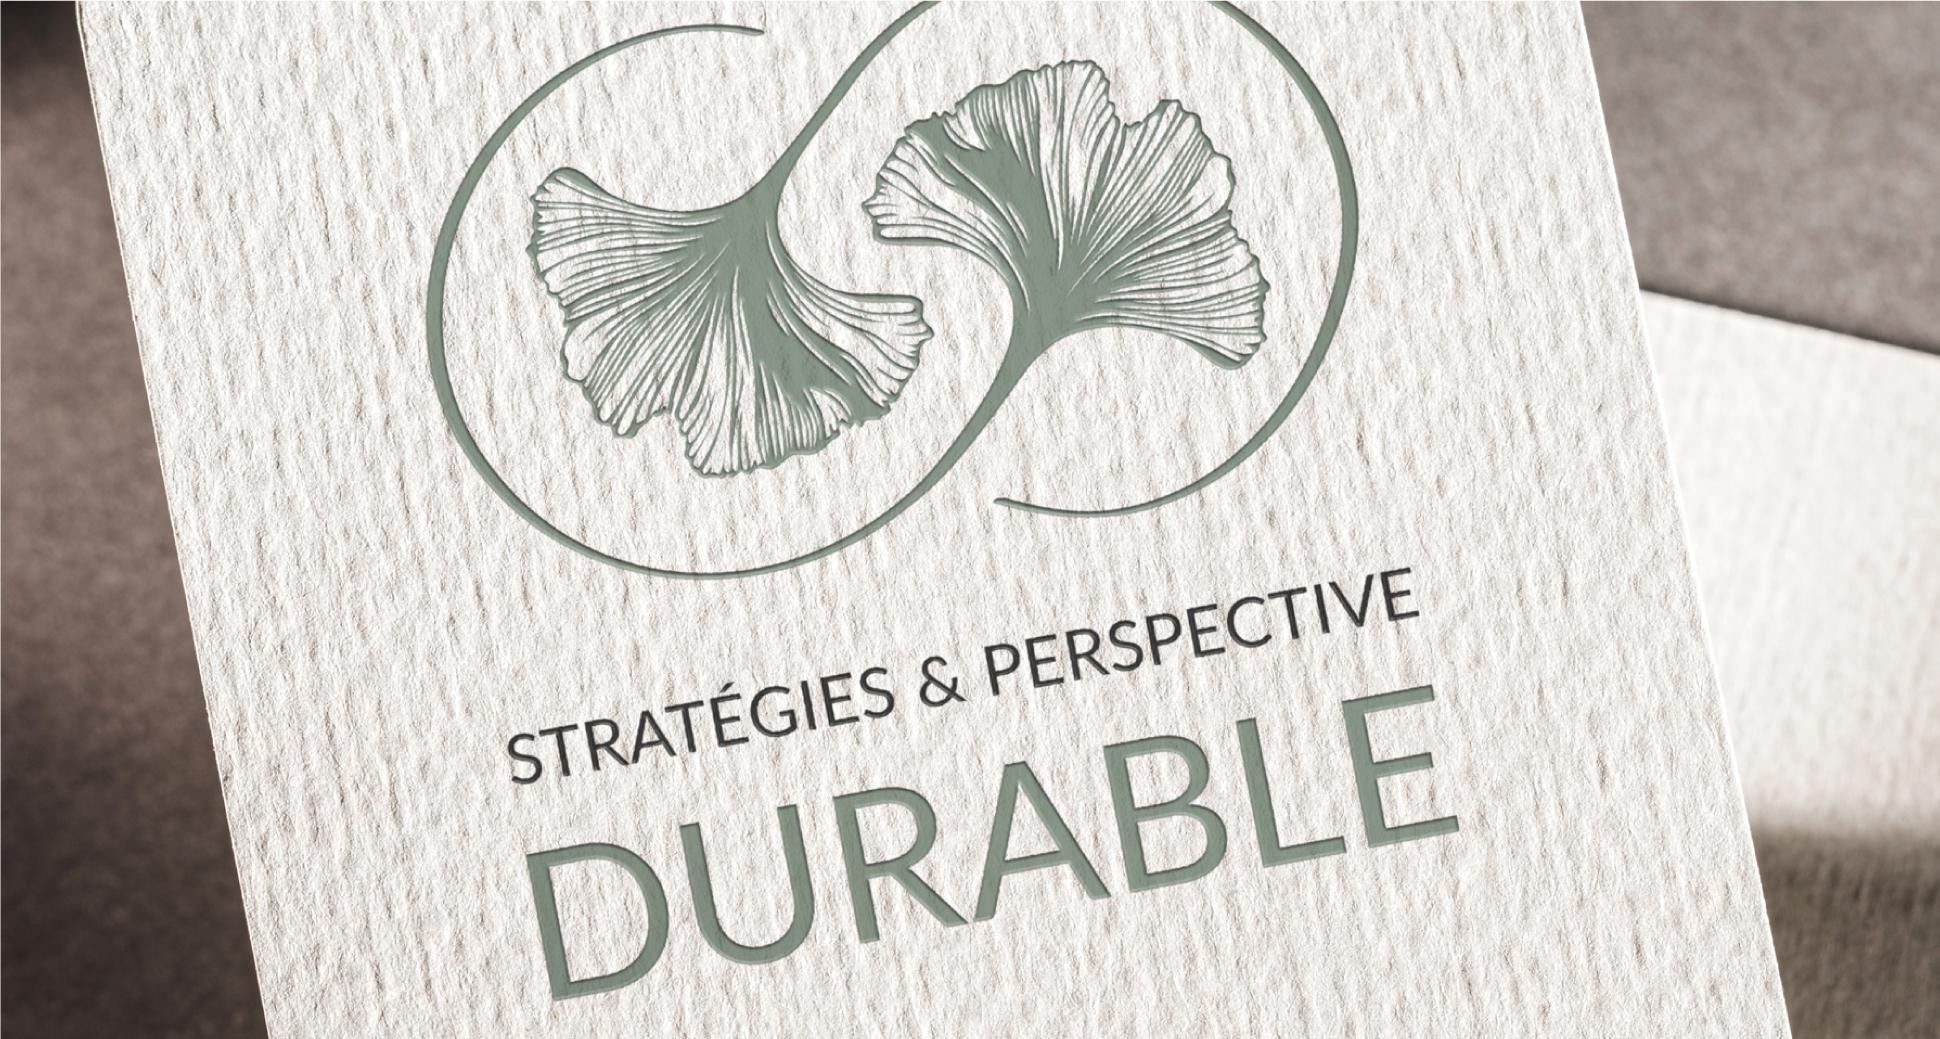 Carte de visite de Stratégies & Perspective Durable